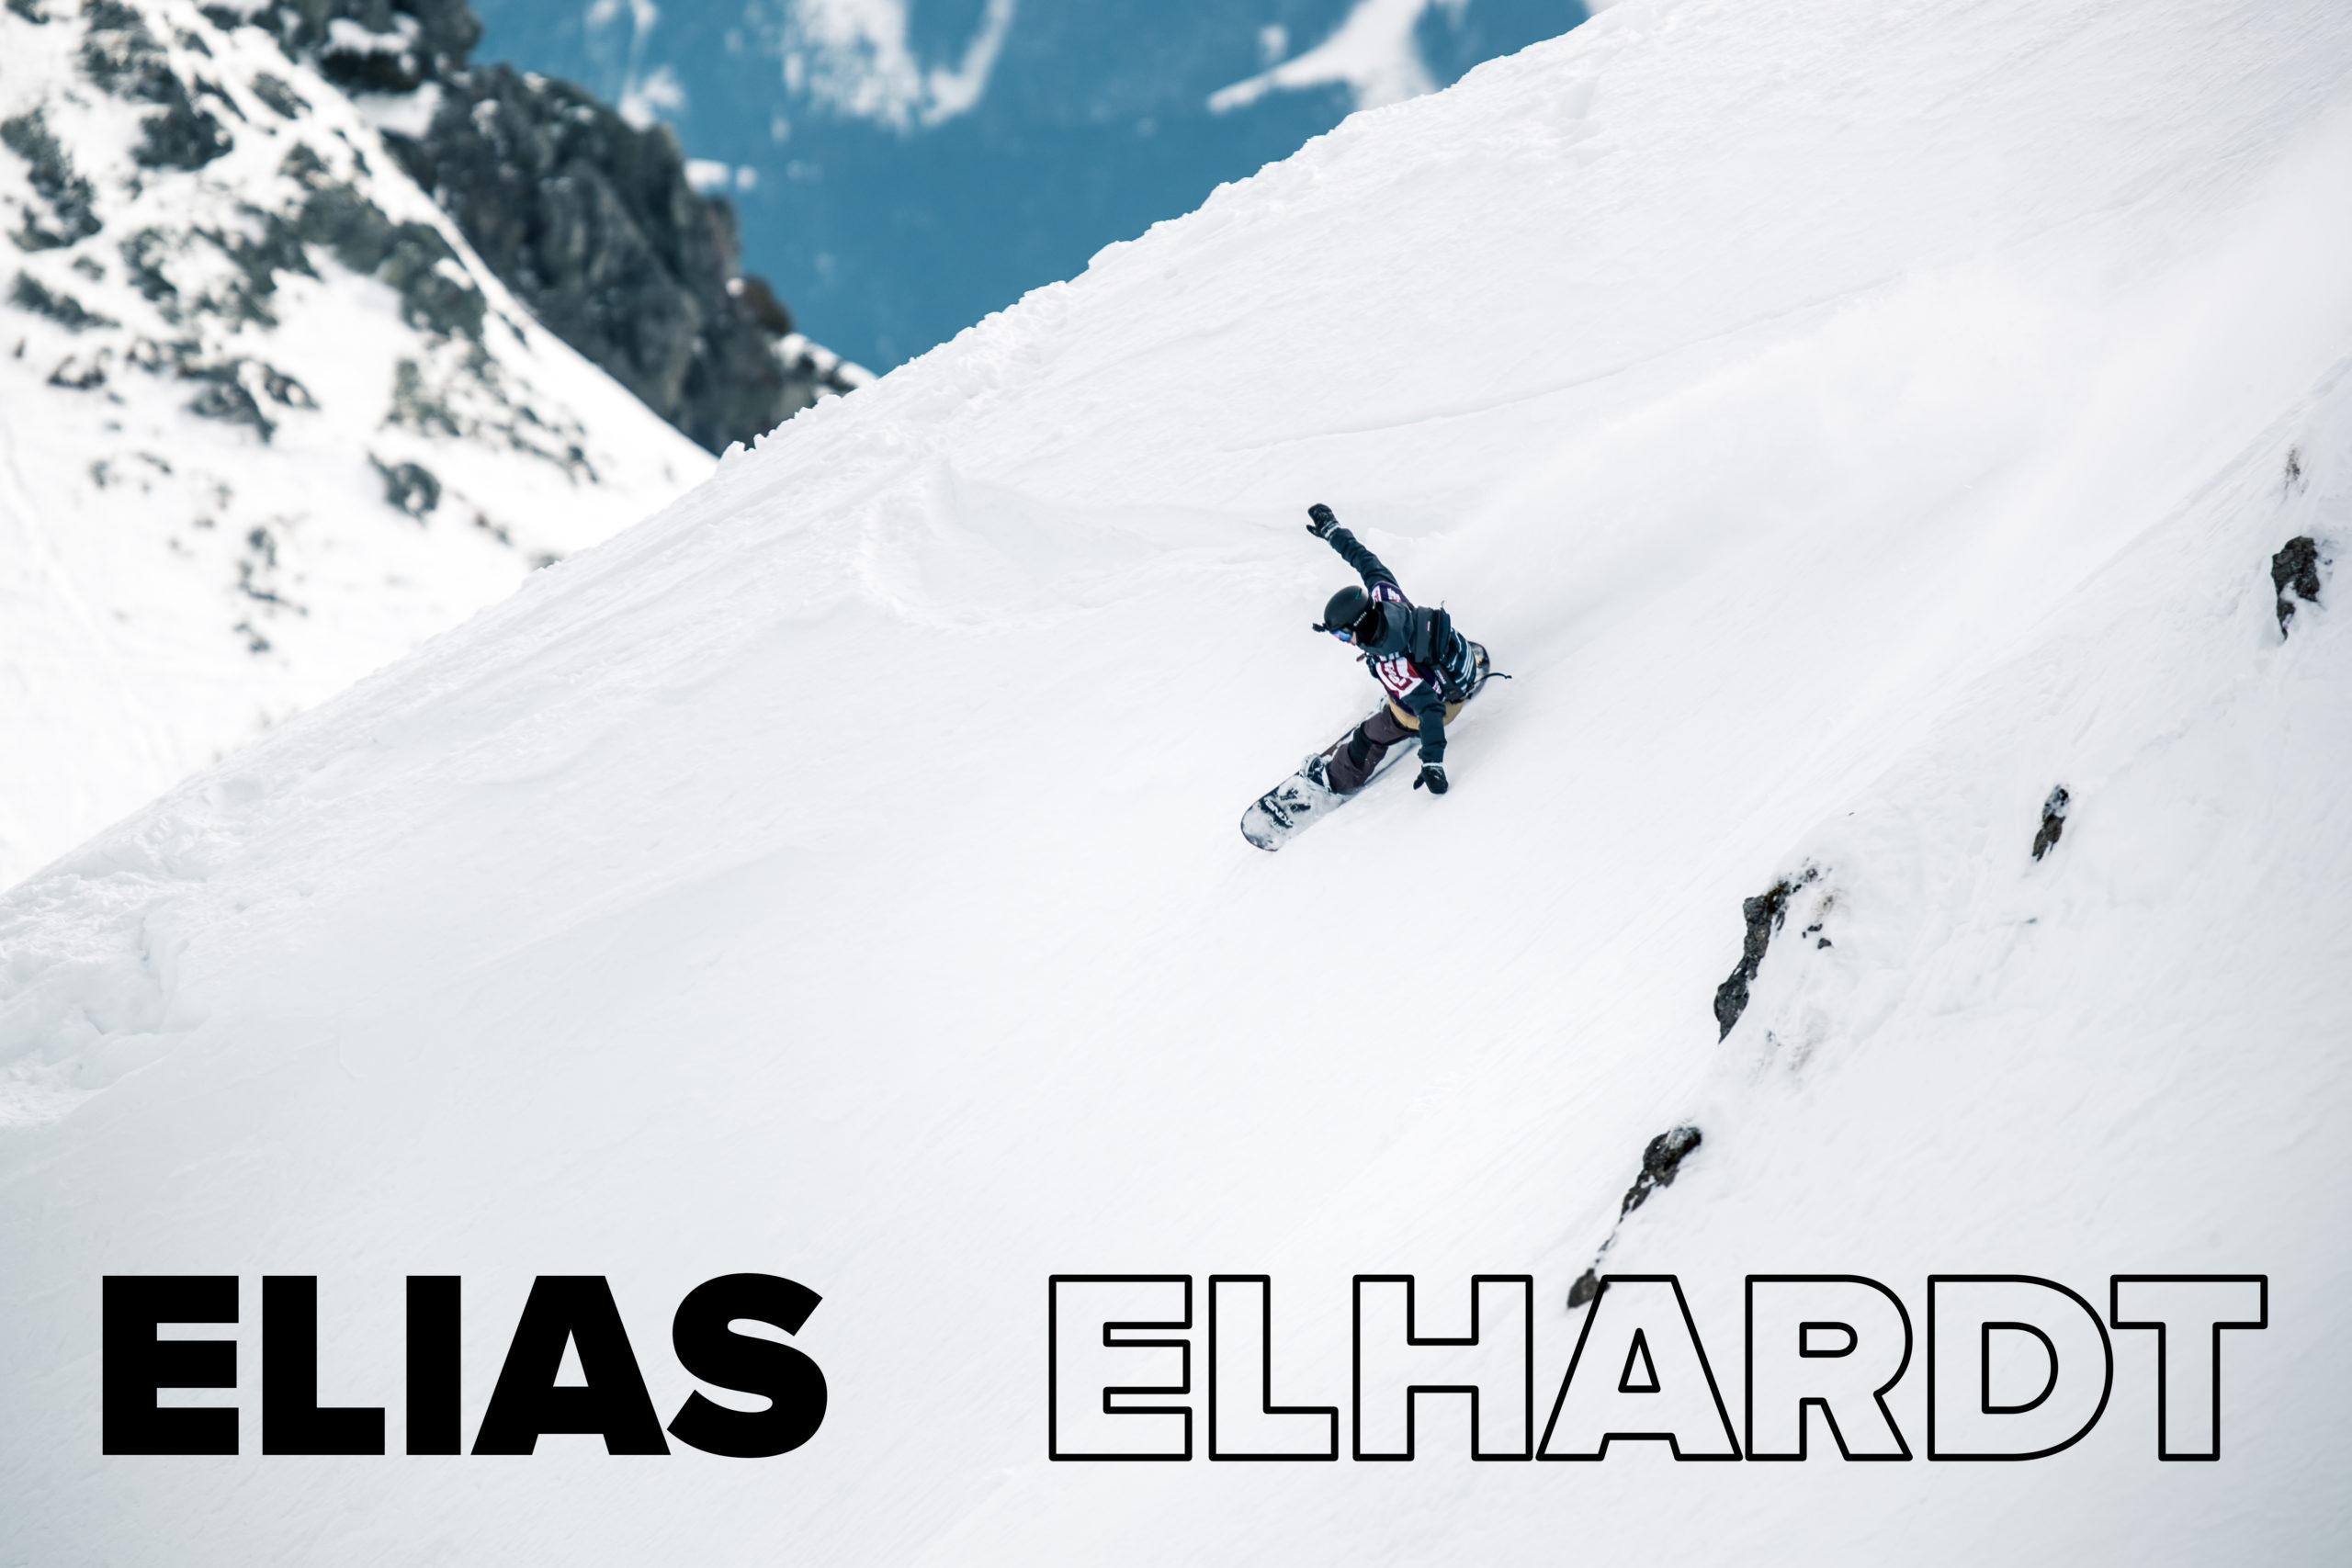 Elias Elhardt